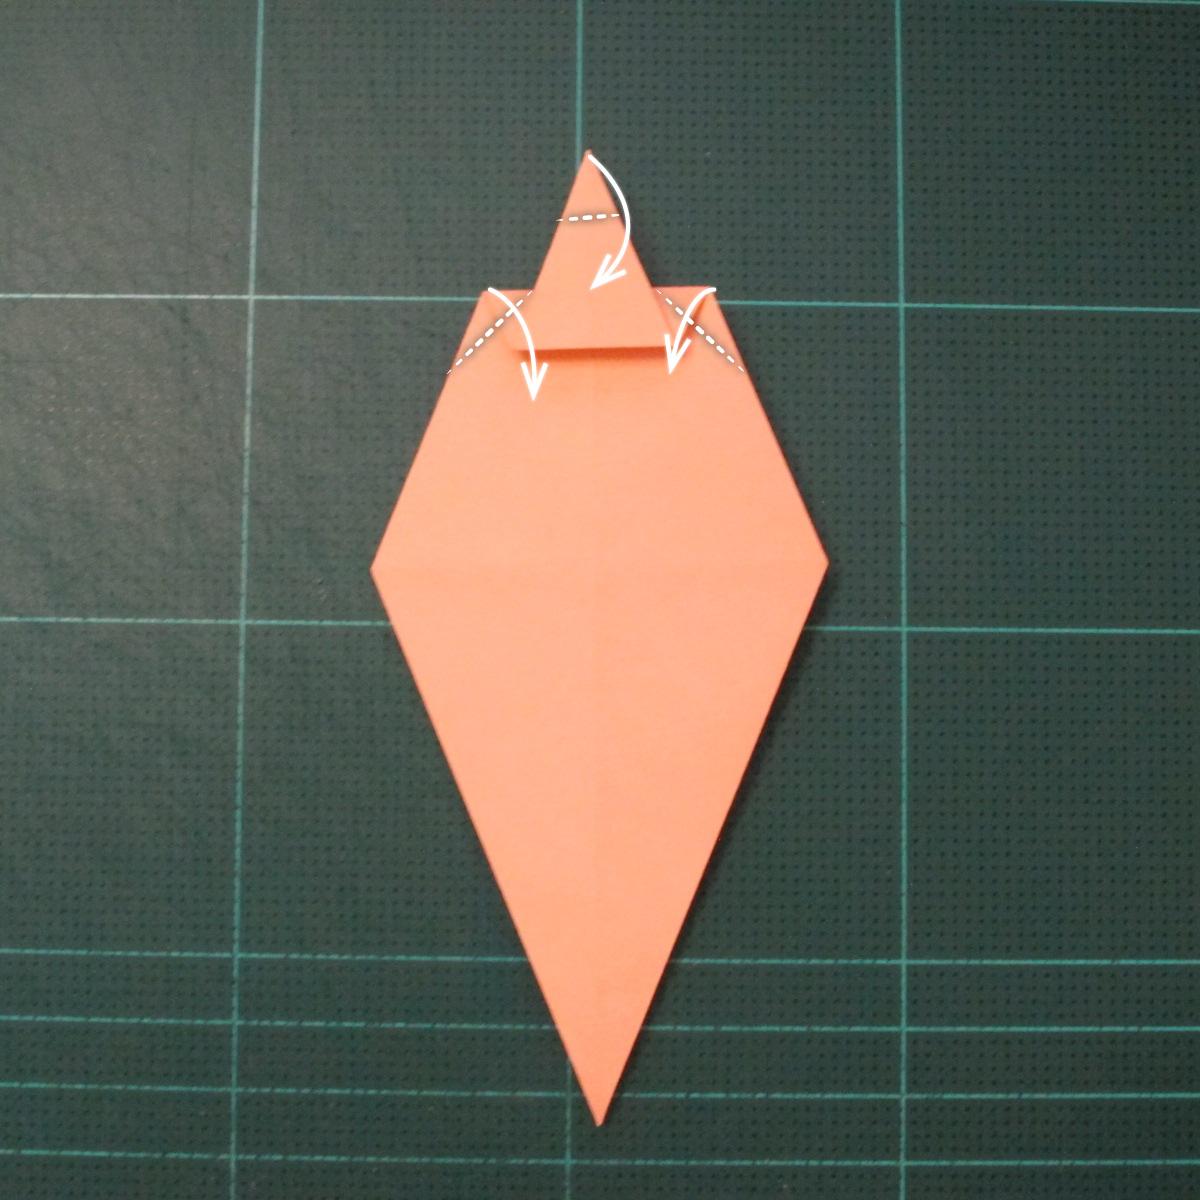 วิธีพับกระดาษเป็นรูปปลาโลมาแบบง่าย (Easy Origami Dolphin) 008